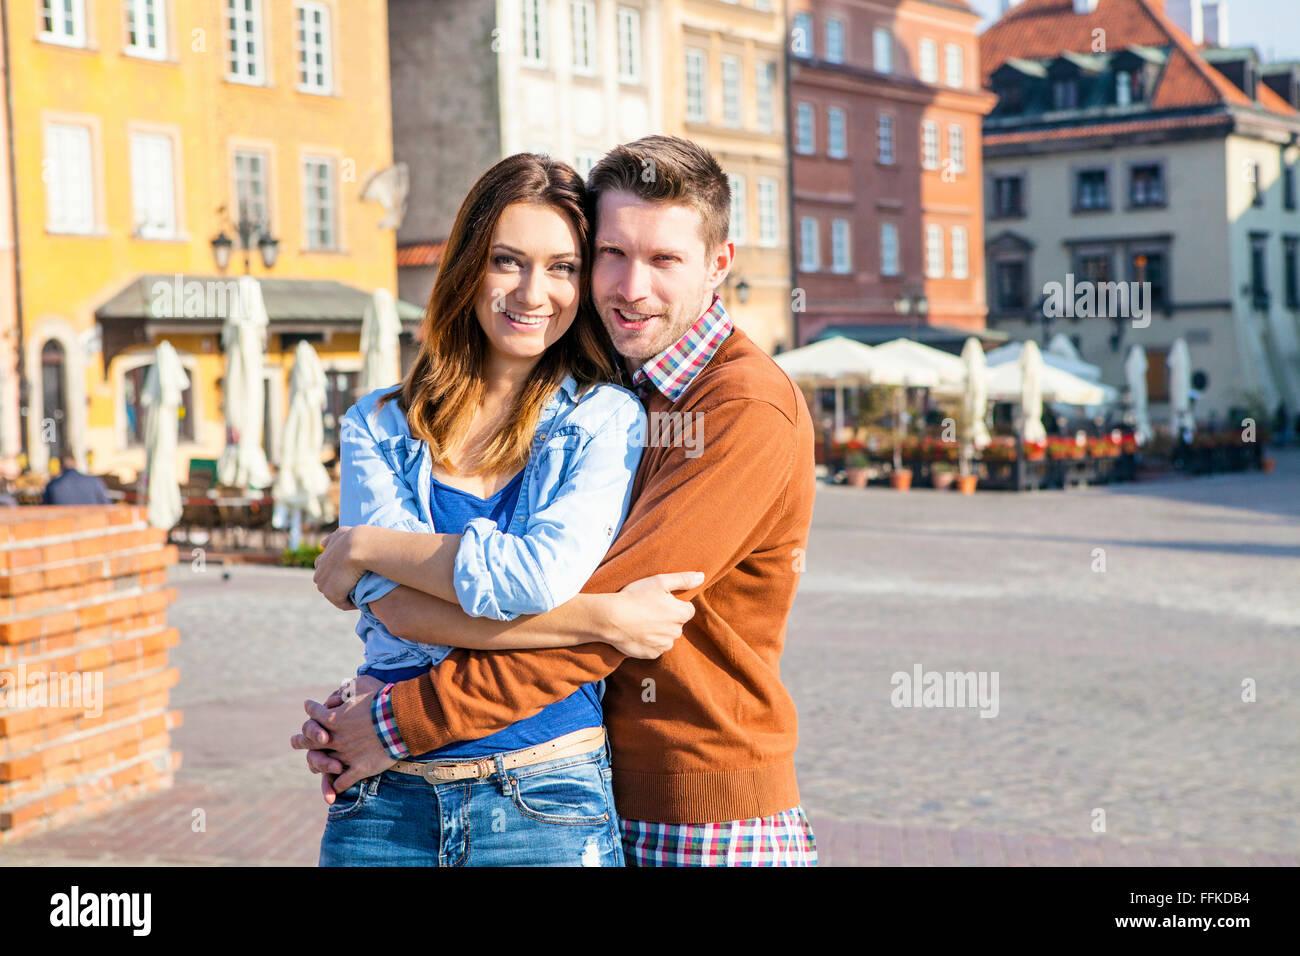 Ritratto di felice metà adulto giovane a Varsavia Immagini Stock